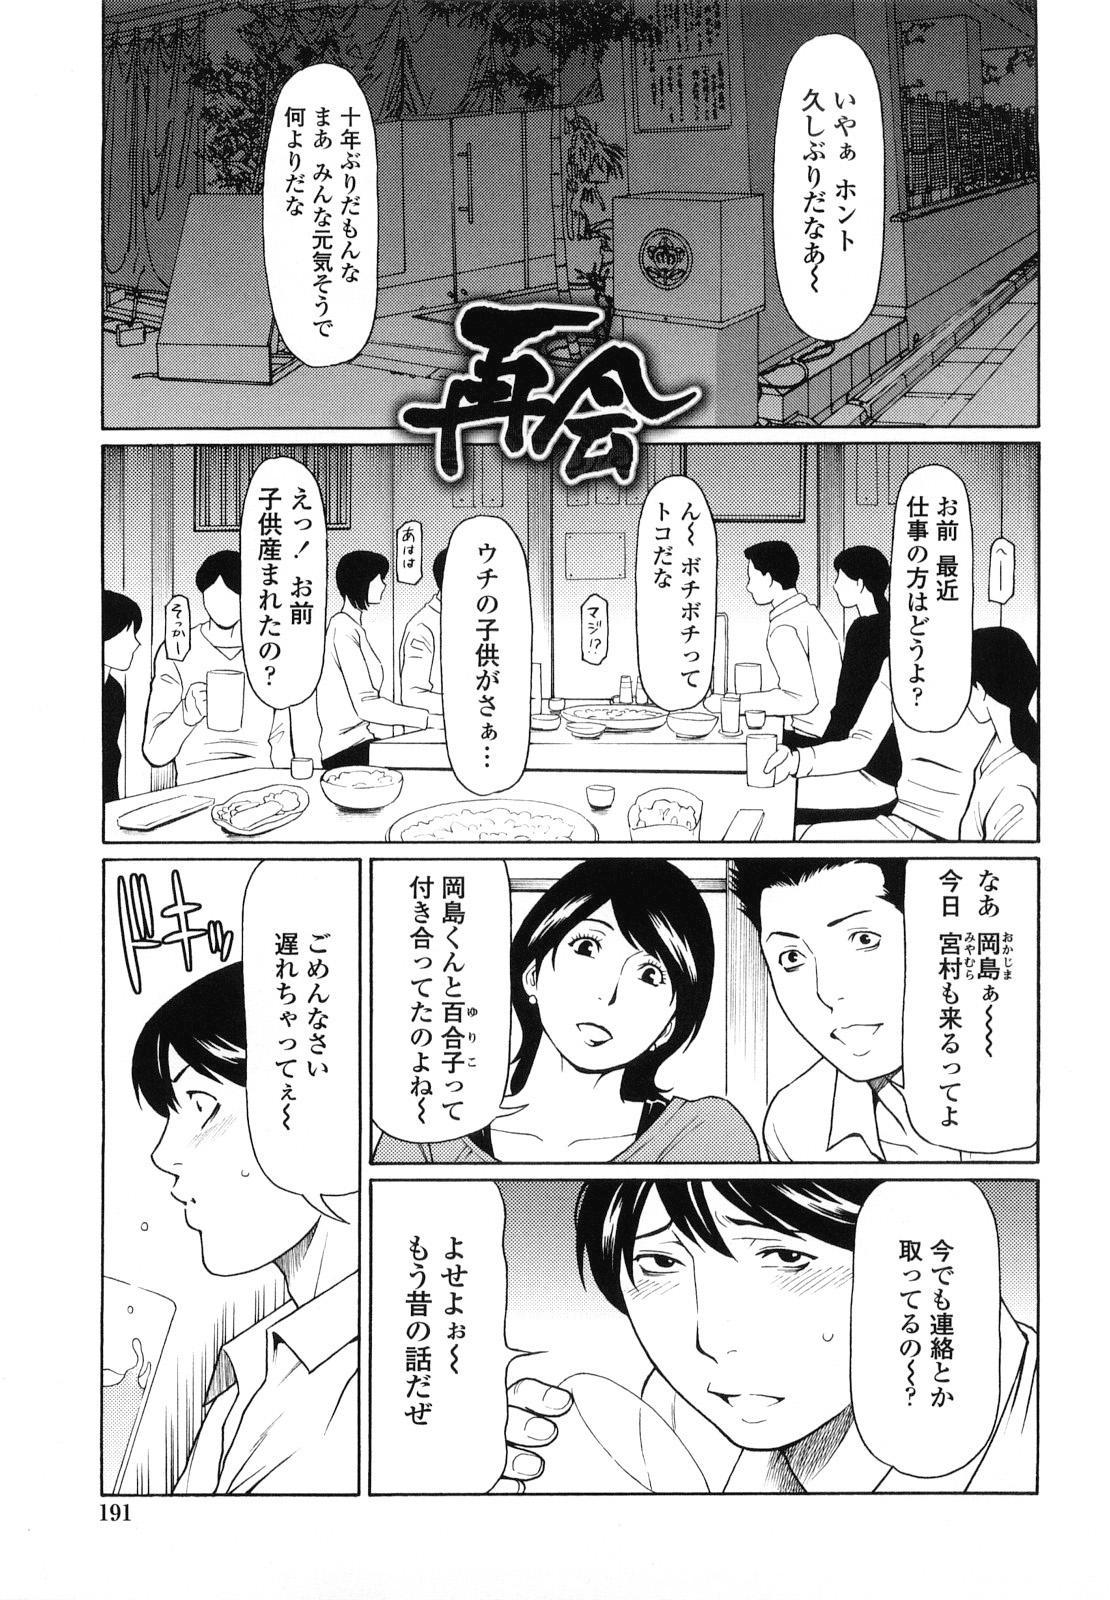 [Takasugi Kou] Kindan no Haha-Ana - Immorality Love-Hole Ch. 11-12 [Decensored] 18